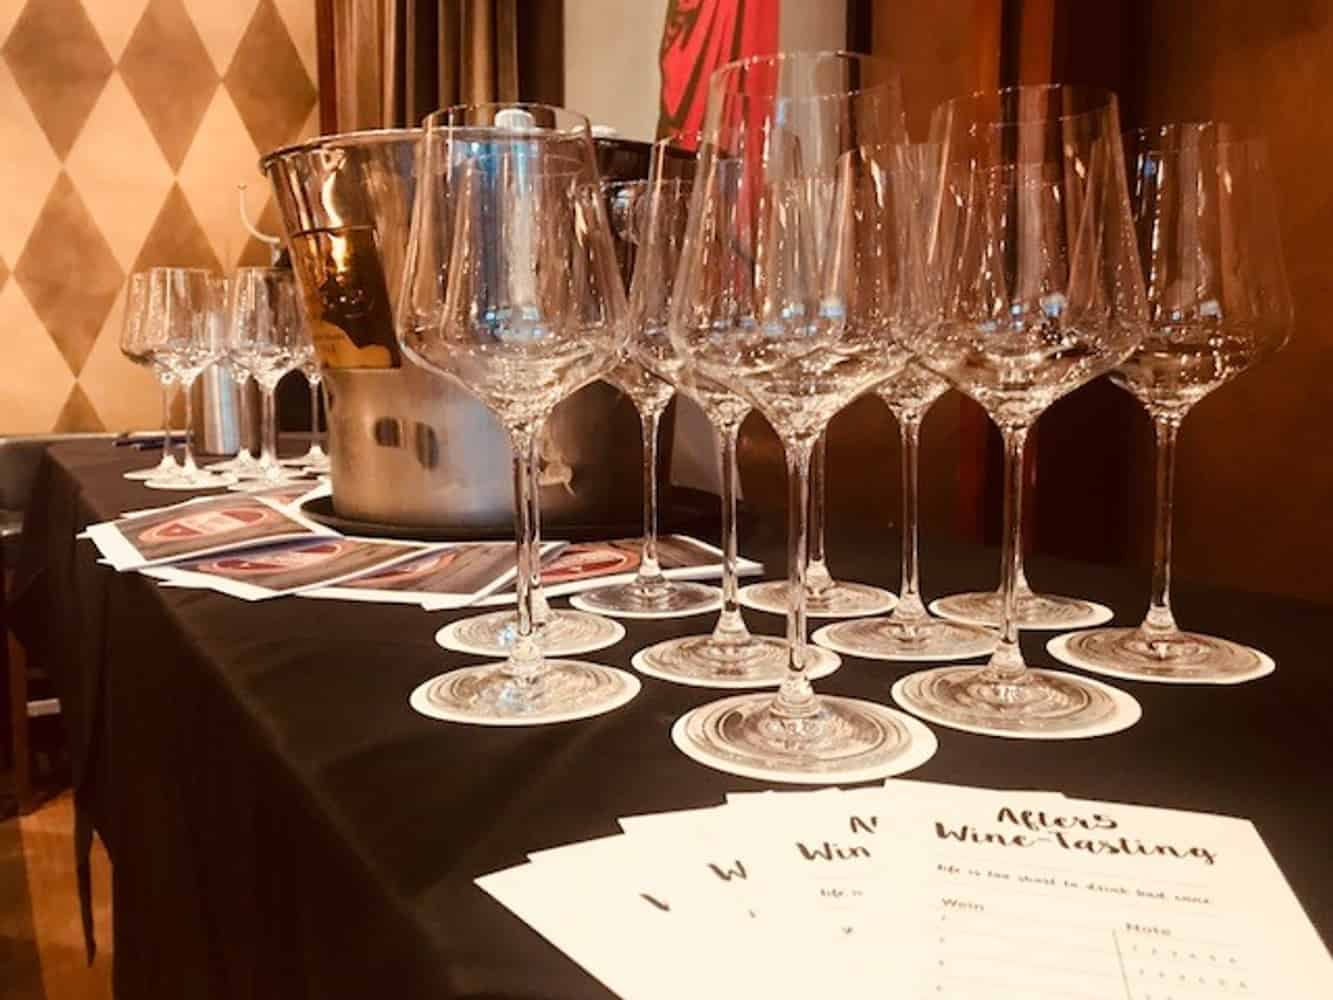 After5-Wine Tasting in Zürich